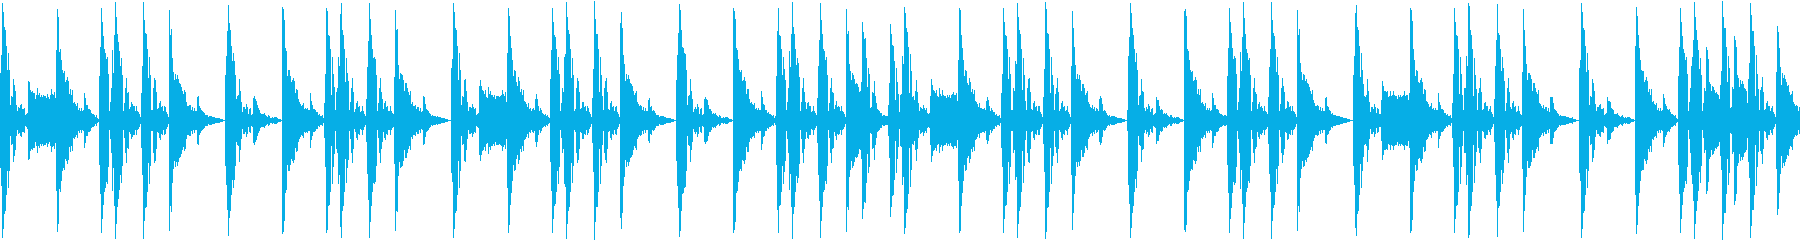 ノリの良いブレークビーツ_001の再生済みの波形